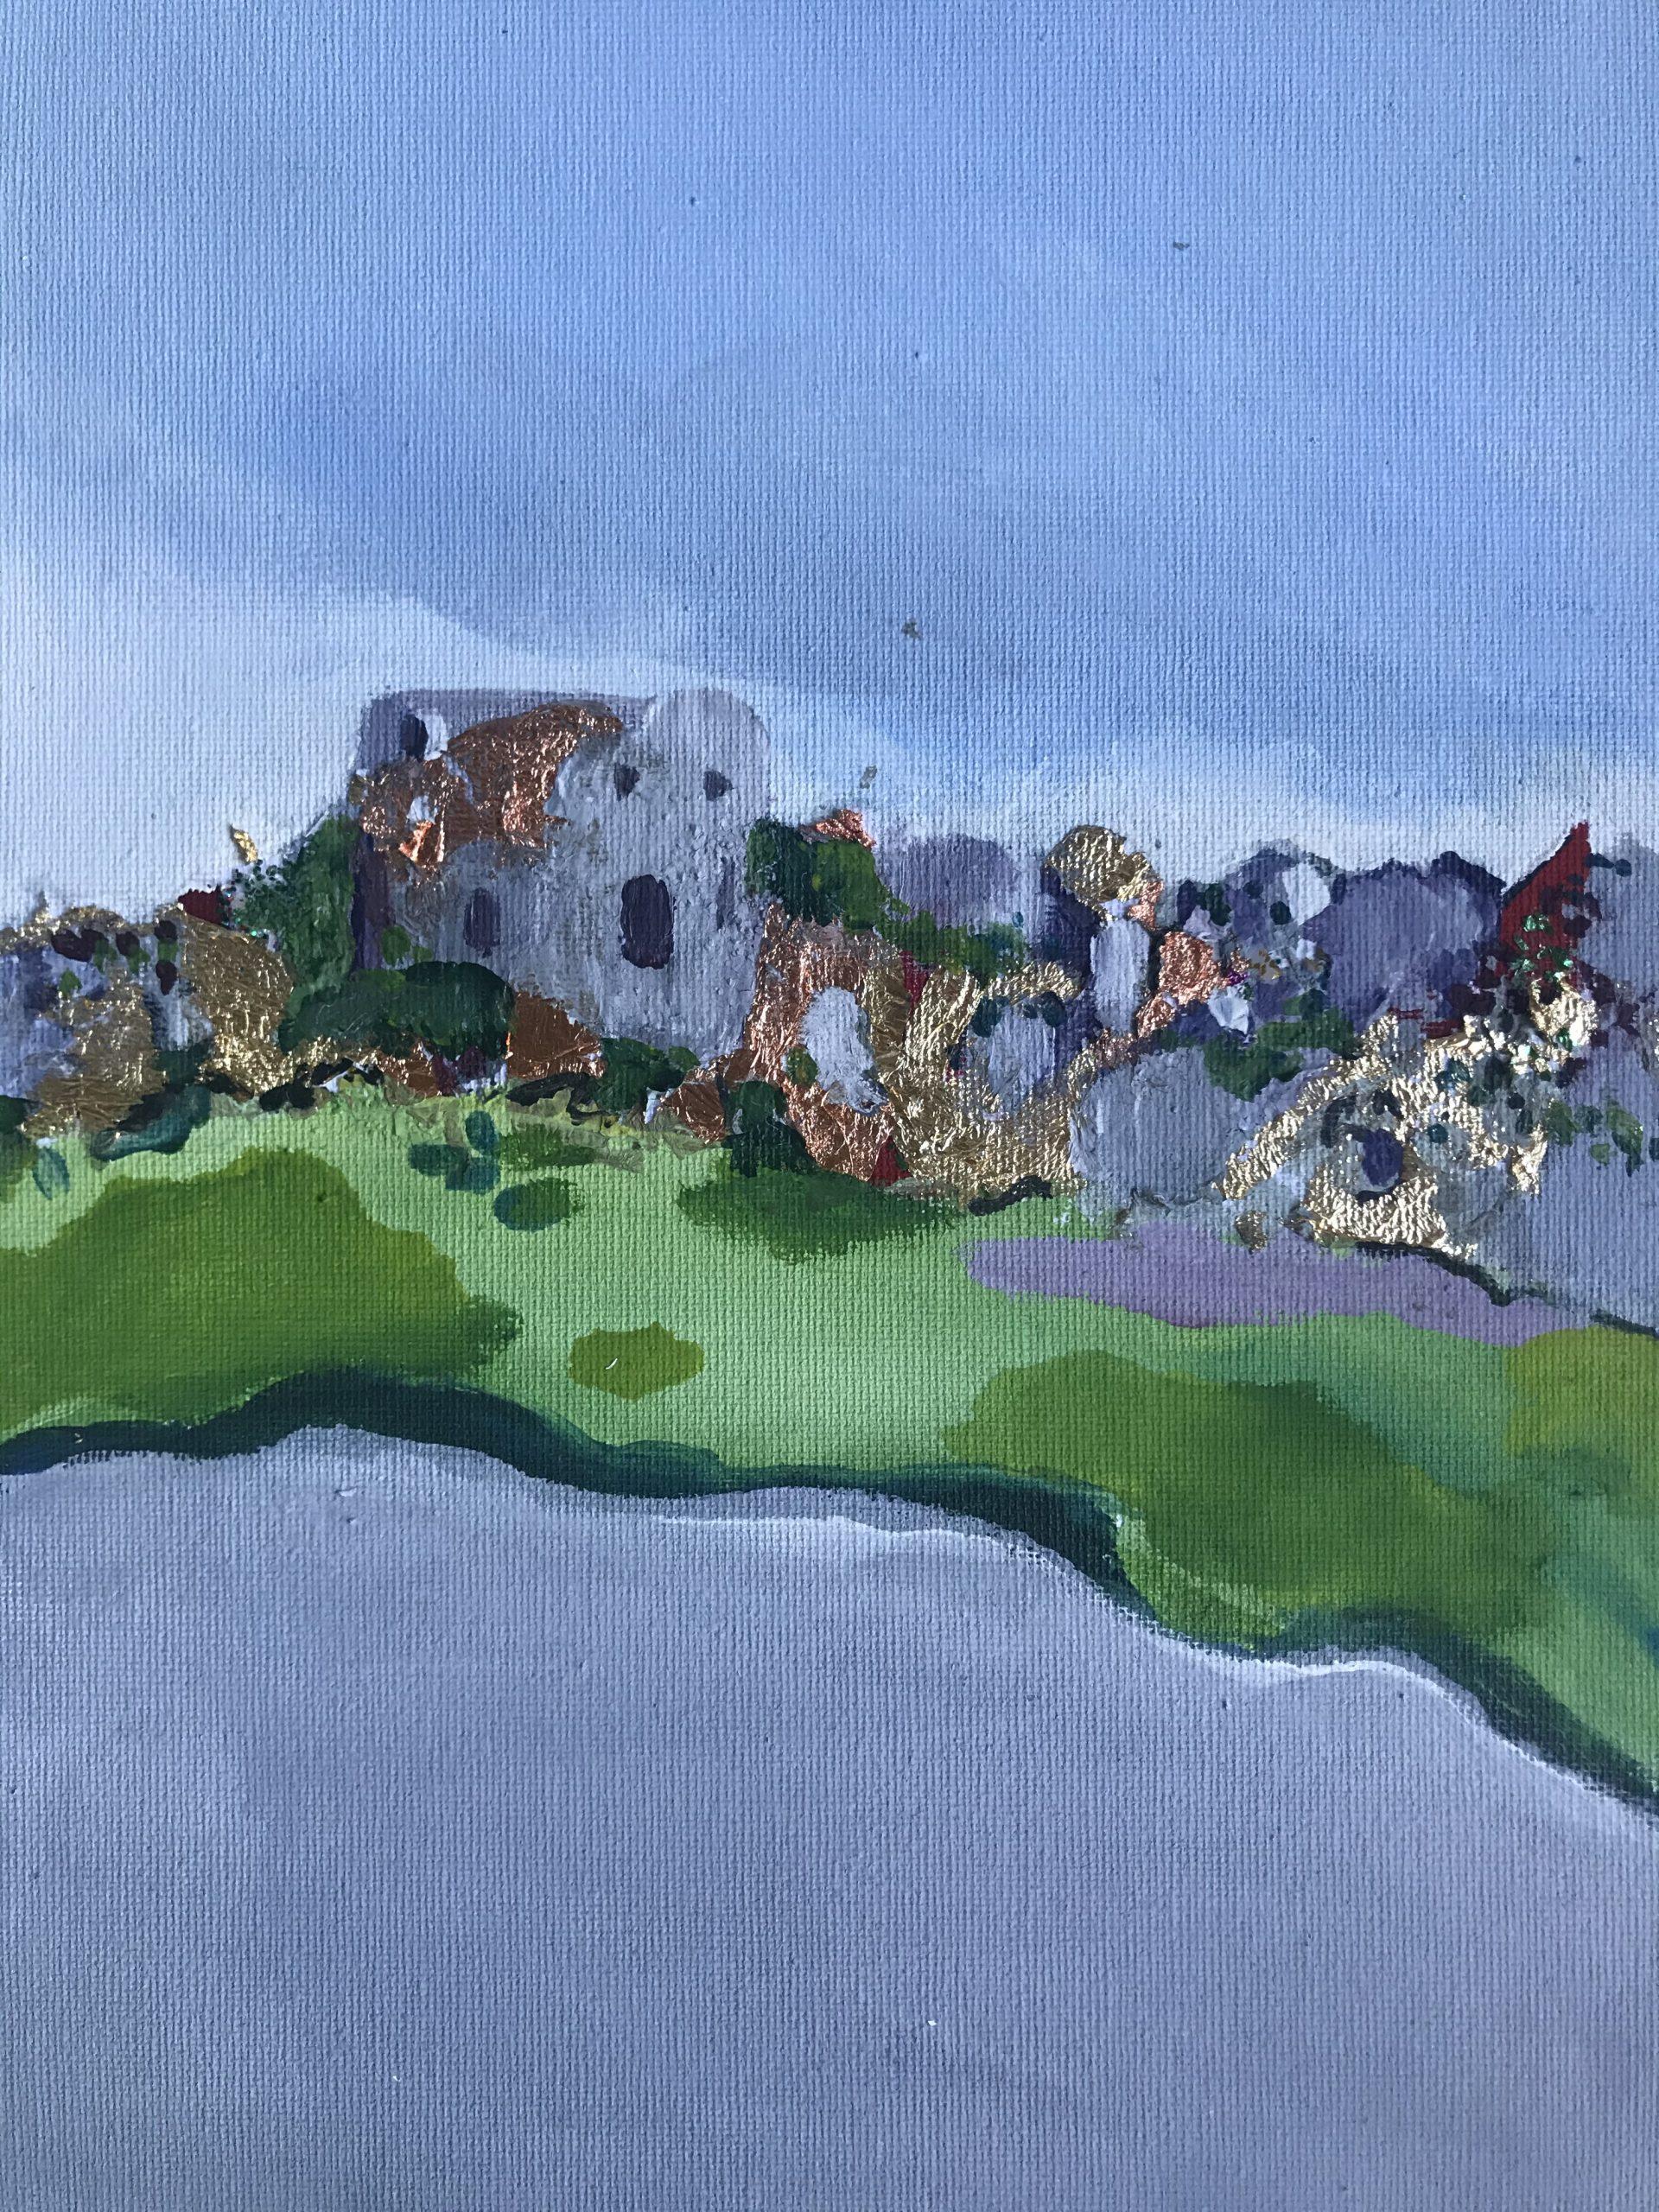 (100) Karen Preston - Windsor Castle Landscape Image